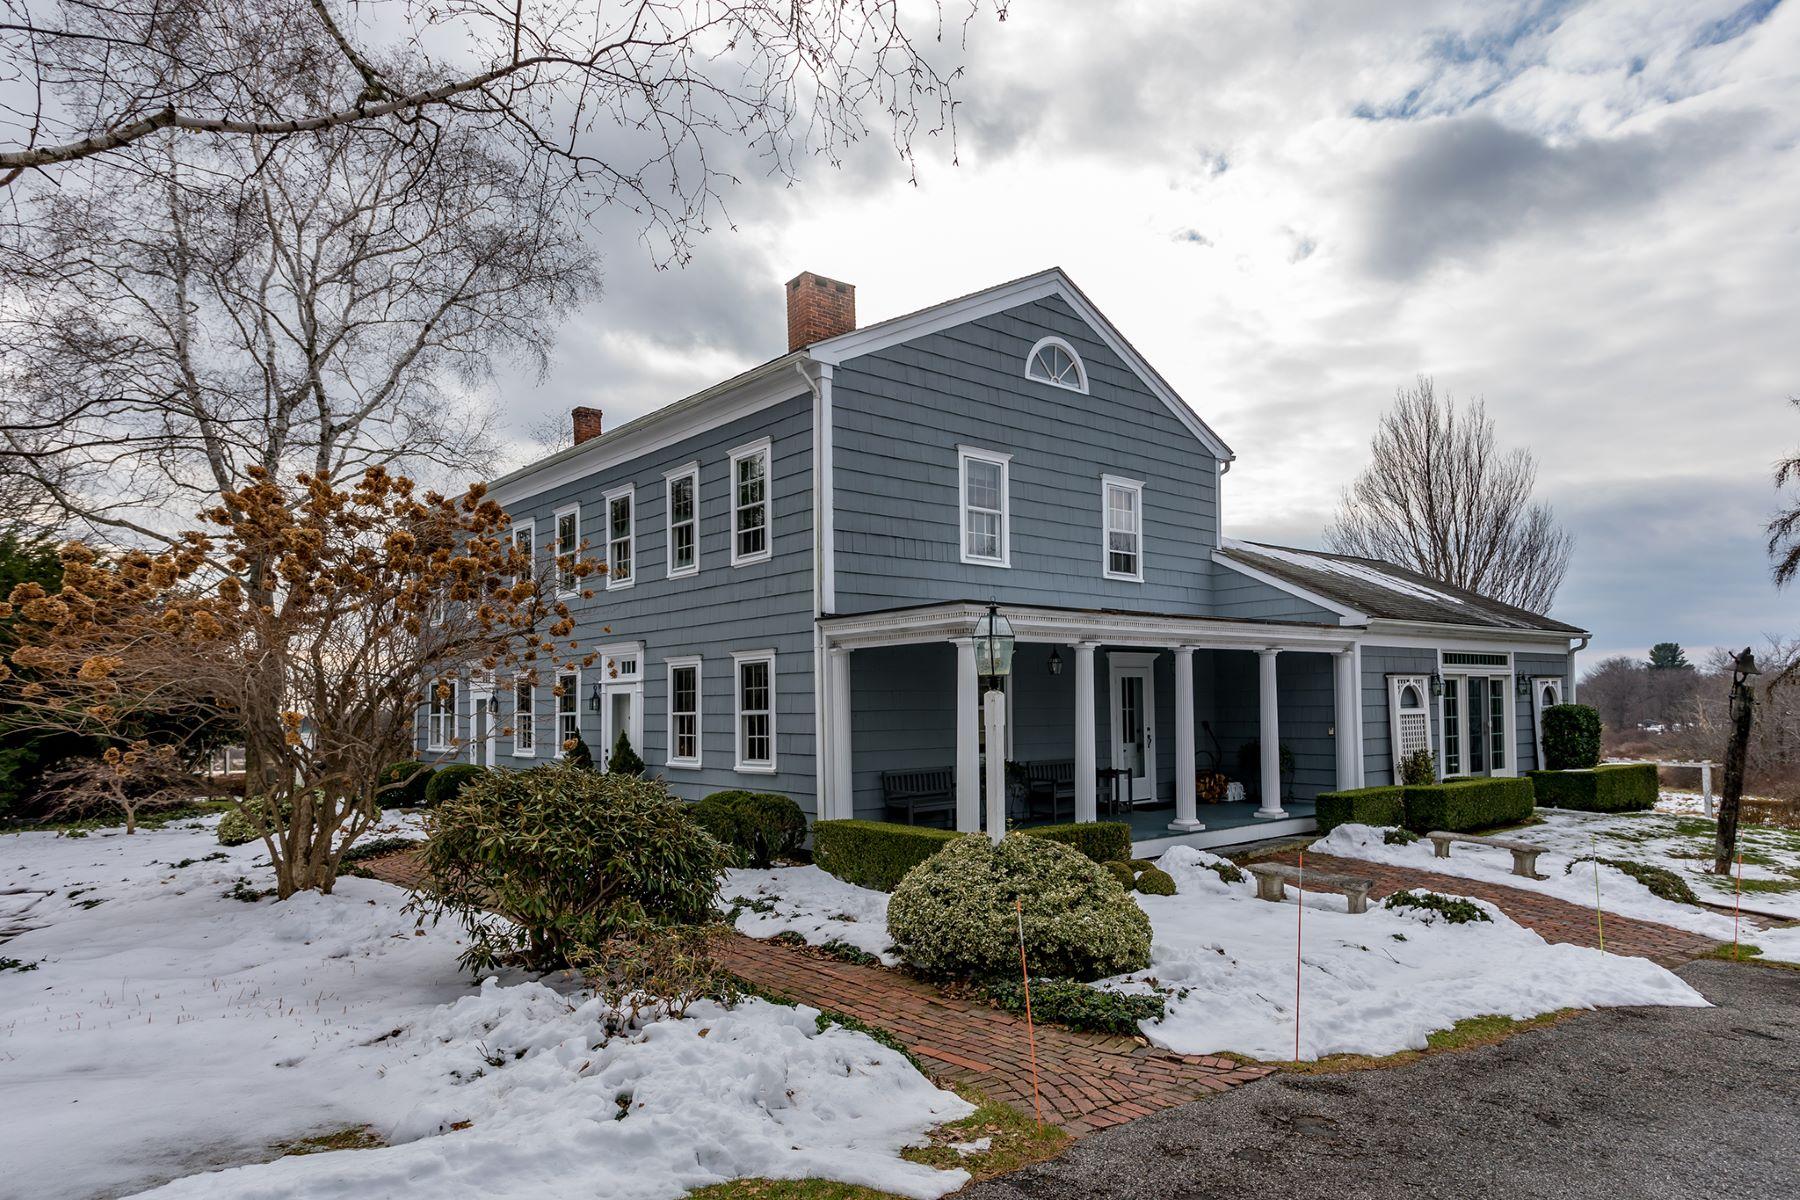 Casa Unifamiliar por un Venta en Authentic circa 1760 Colonial Home 499 Maple Street Litchfield, Connecticut 06759 Estados Unidos